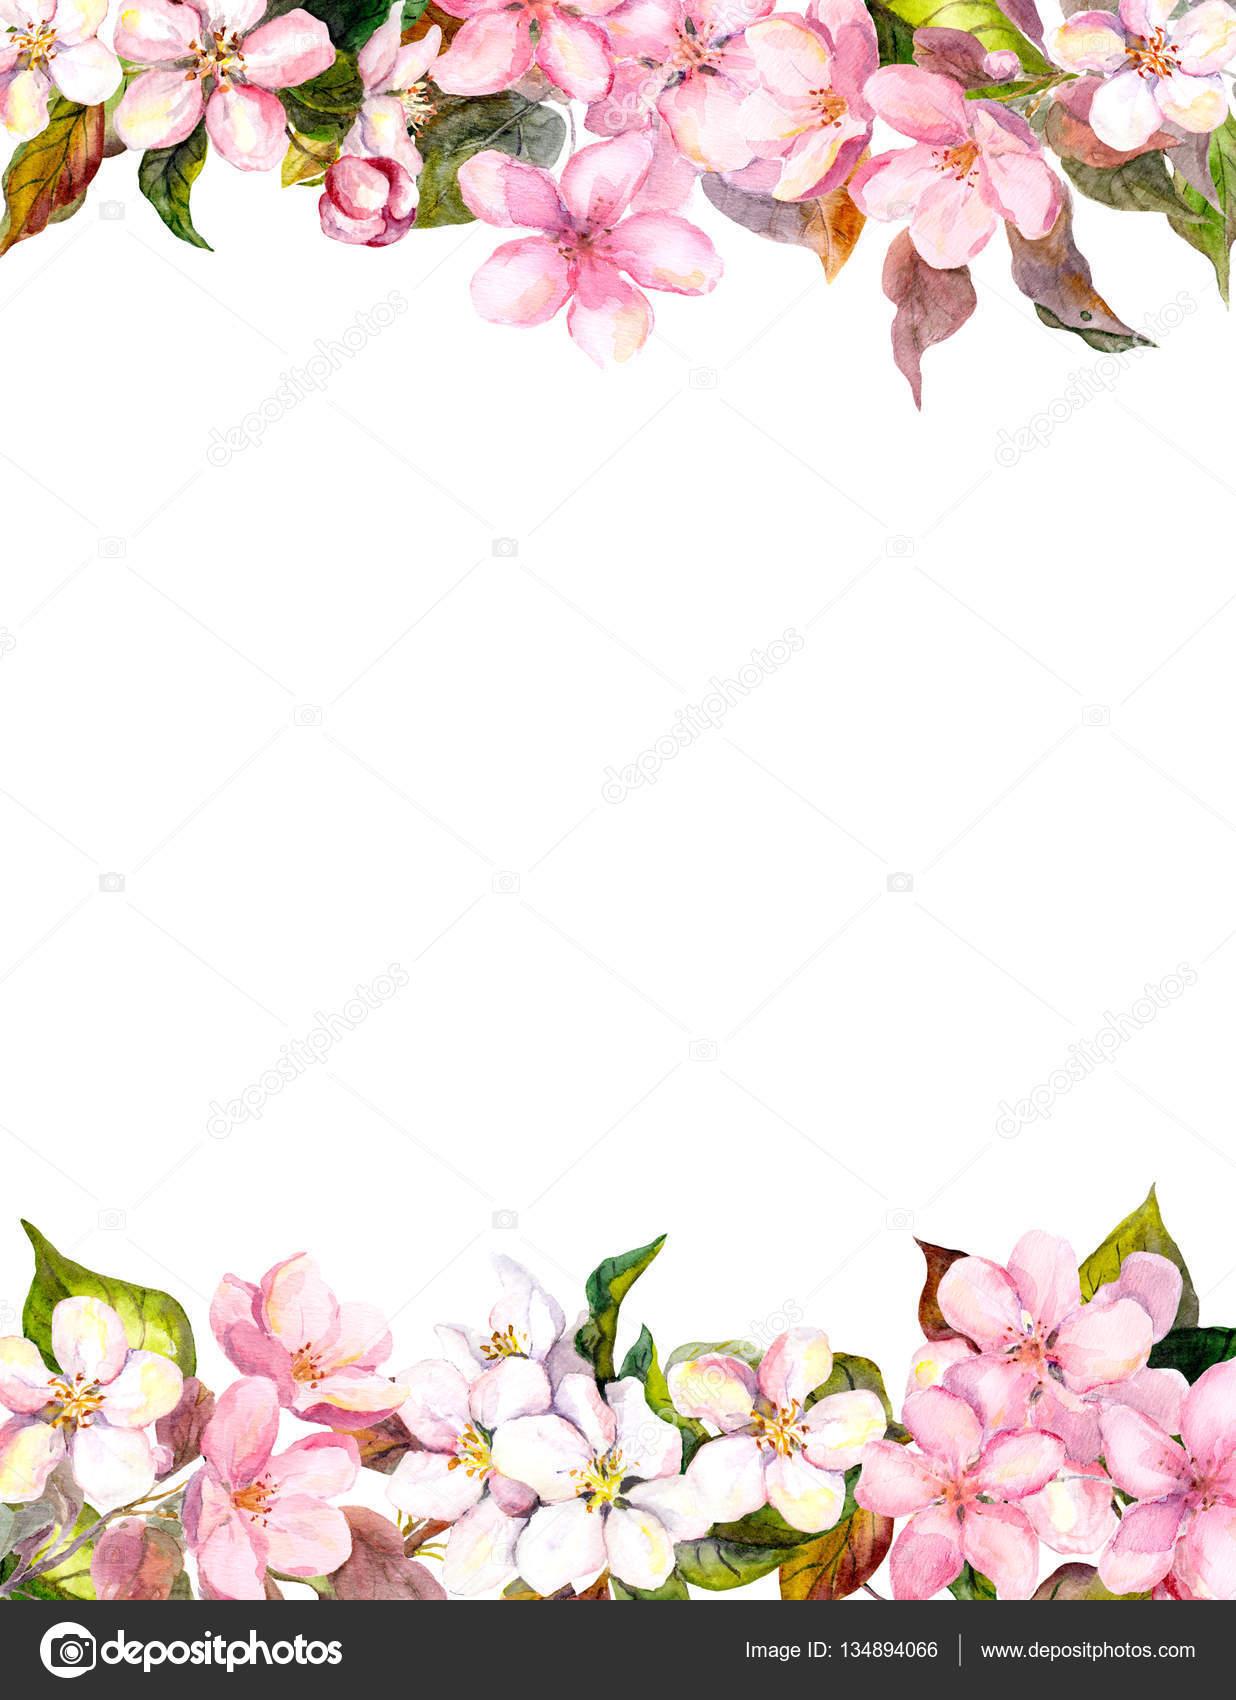 fiori rosa mela fiori di ciliegio cornice floreale per la cartolina acquerello foto stock. Black Bedroom Furniture Sets. Home Design Ideas